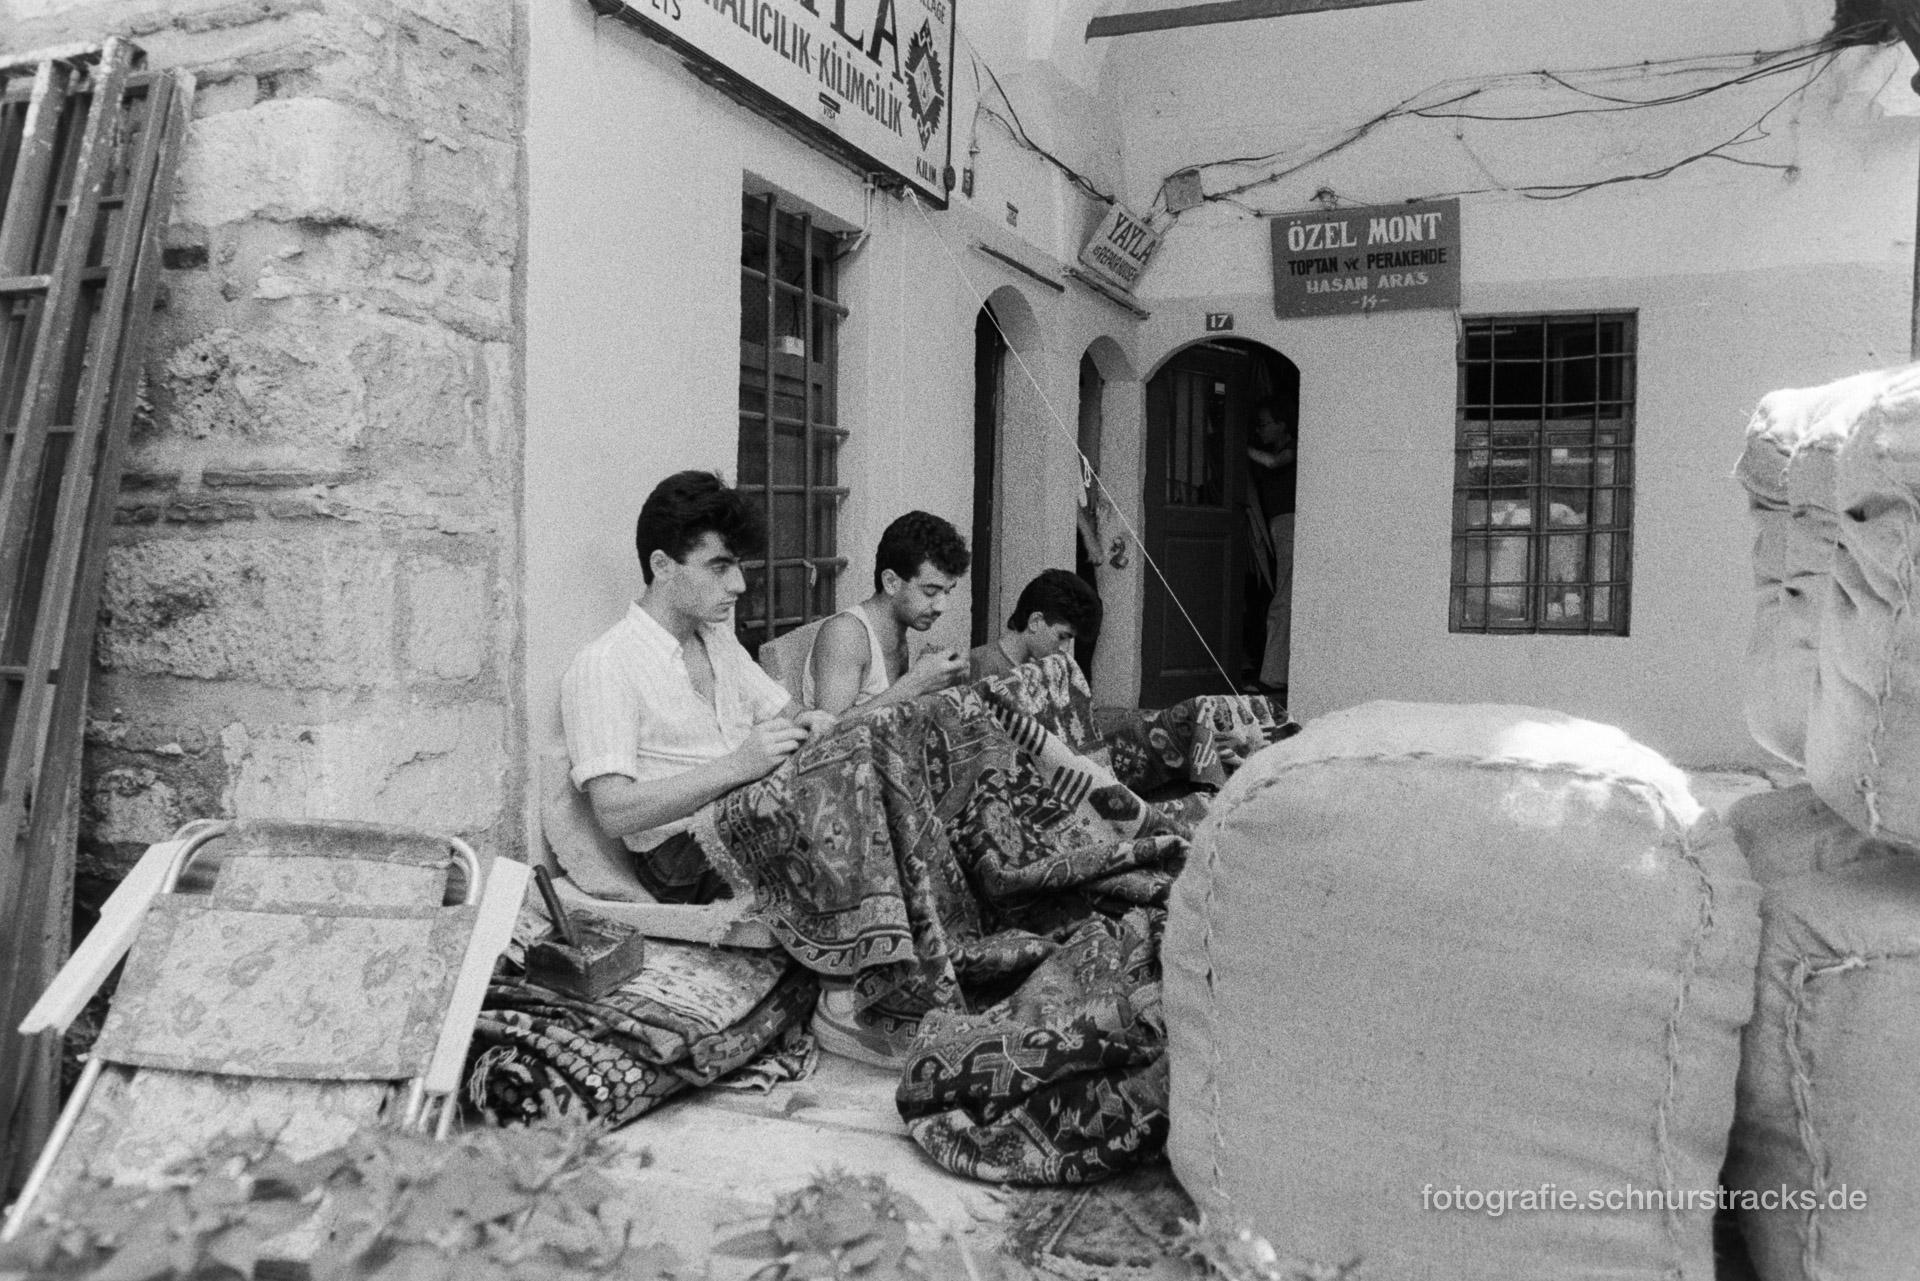 Teppichflicker – Istanbul